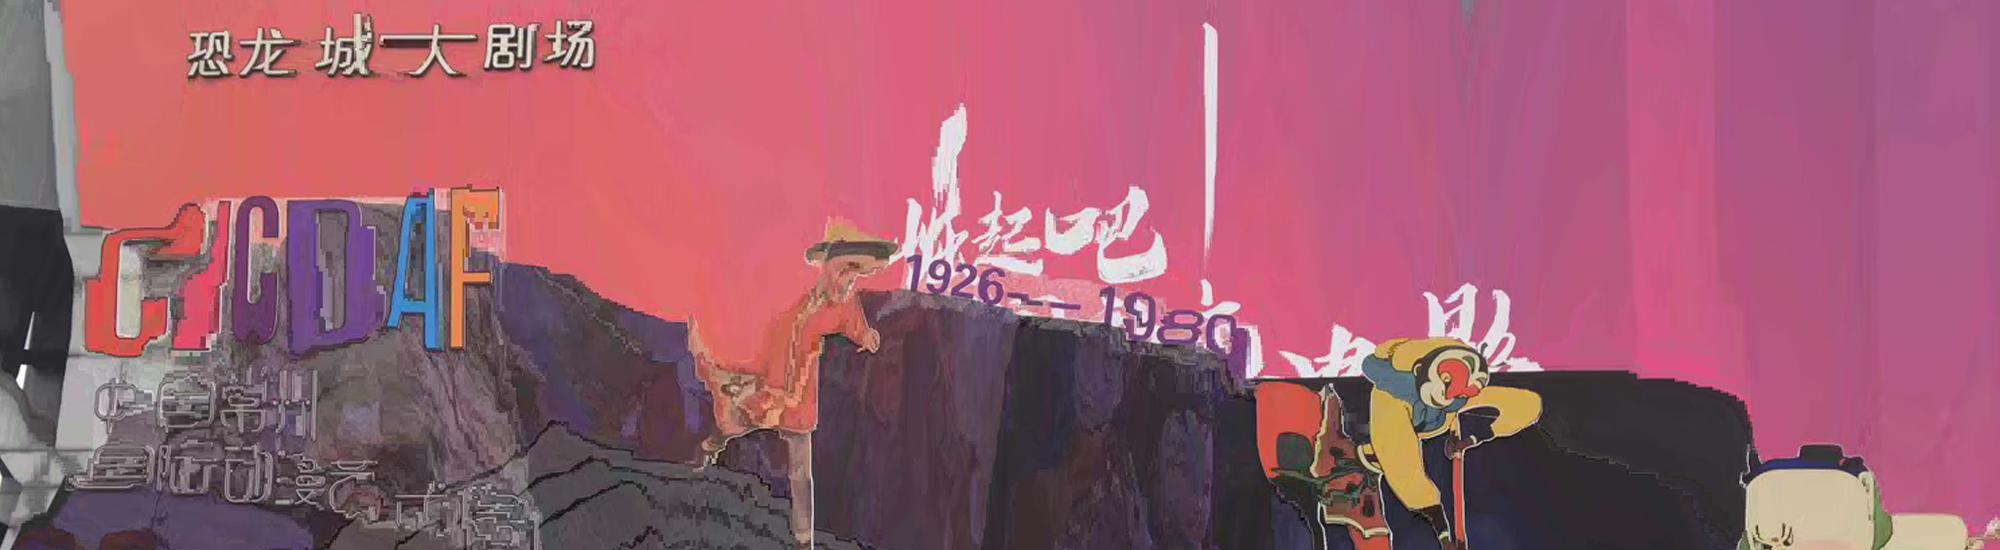 """国漫崛起,抱团发力——ftrack分享""""2019常州动漫周""""精彩内容"""